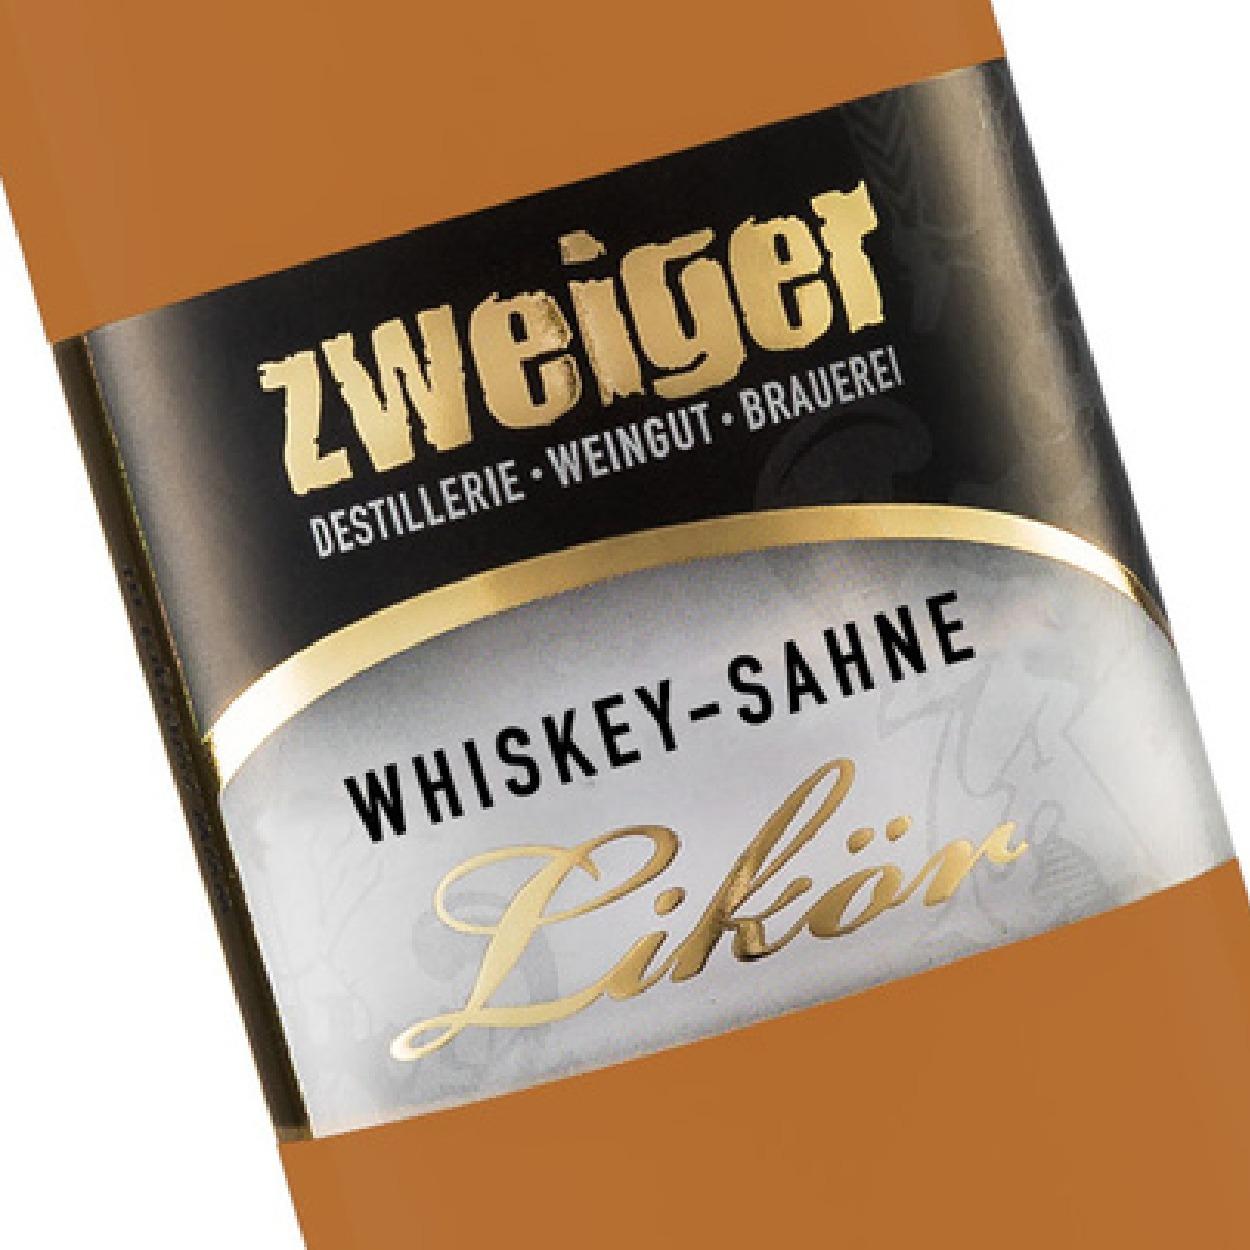 Whiskey-Sahne Cremelikör Zweiger Destillerie